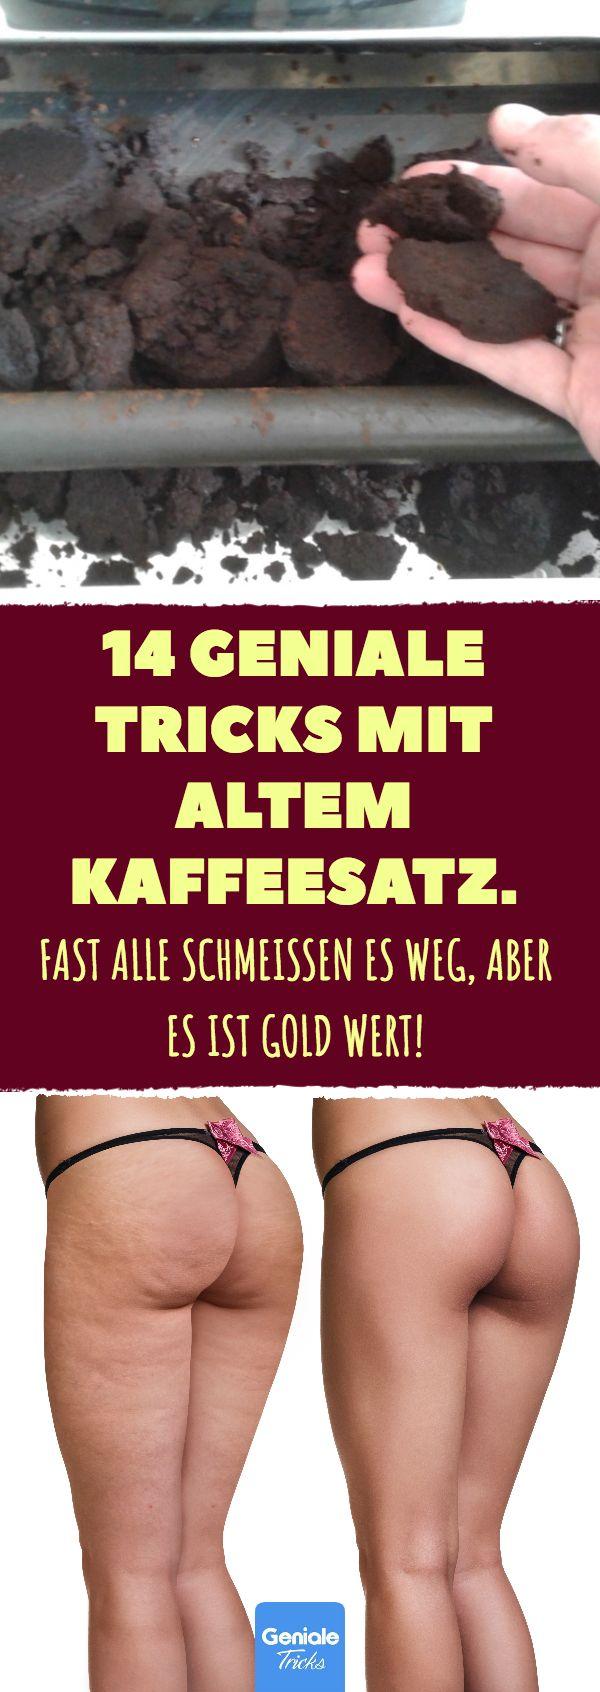 14 Tricks mit altem Kaffeesatz. #kaffeesatz #wiederverwertung #upcycling #haushalt #körper #hausmittel #cellulite #schädlinge #kompost #kaffee #augenringe #putzen